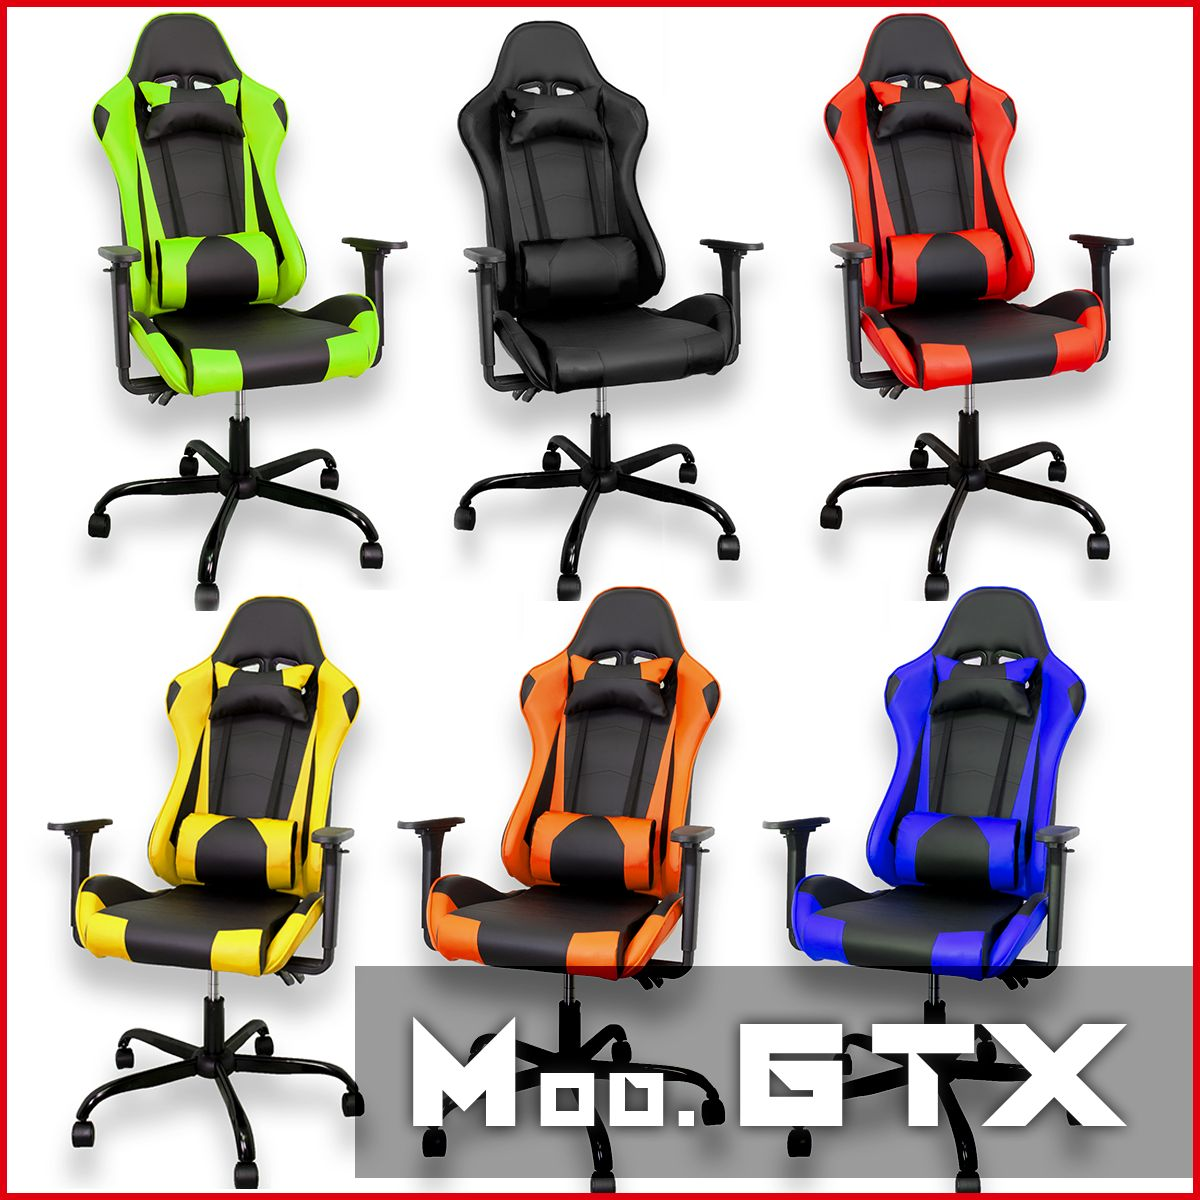 miniatura 6 - Sedia Poltrona da Gaming per Ufficio reclinabile Imbottita ergonomica GTX RTX